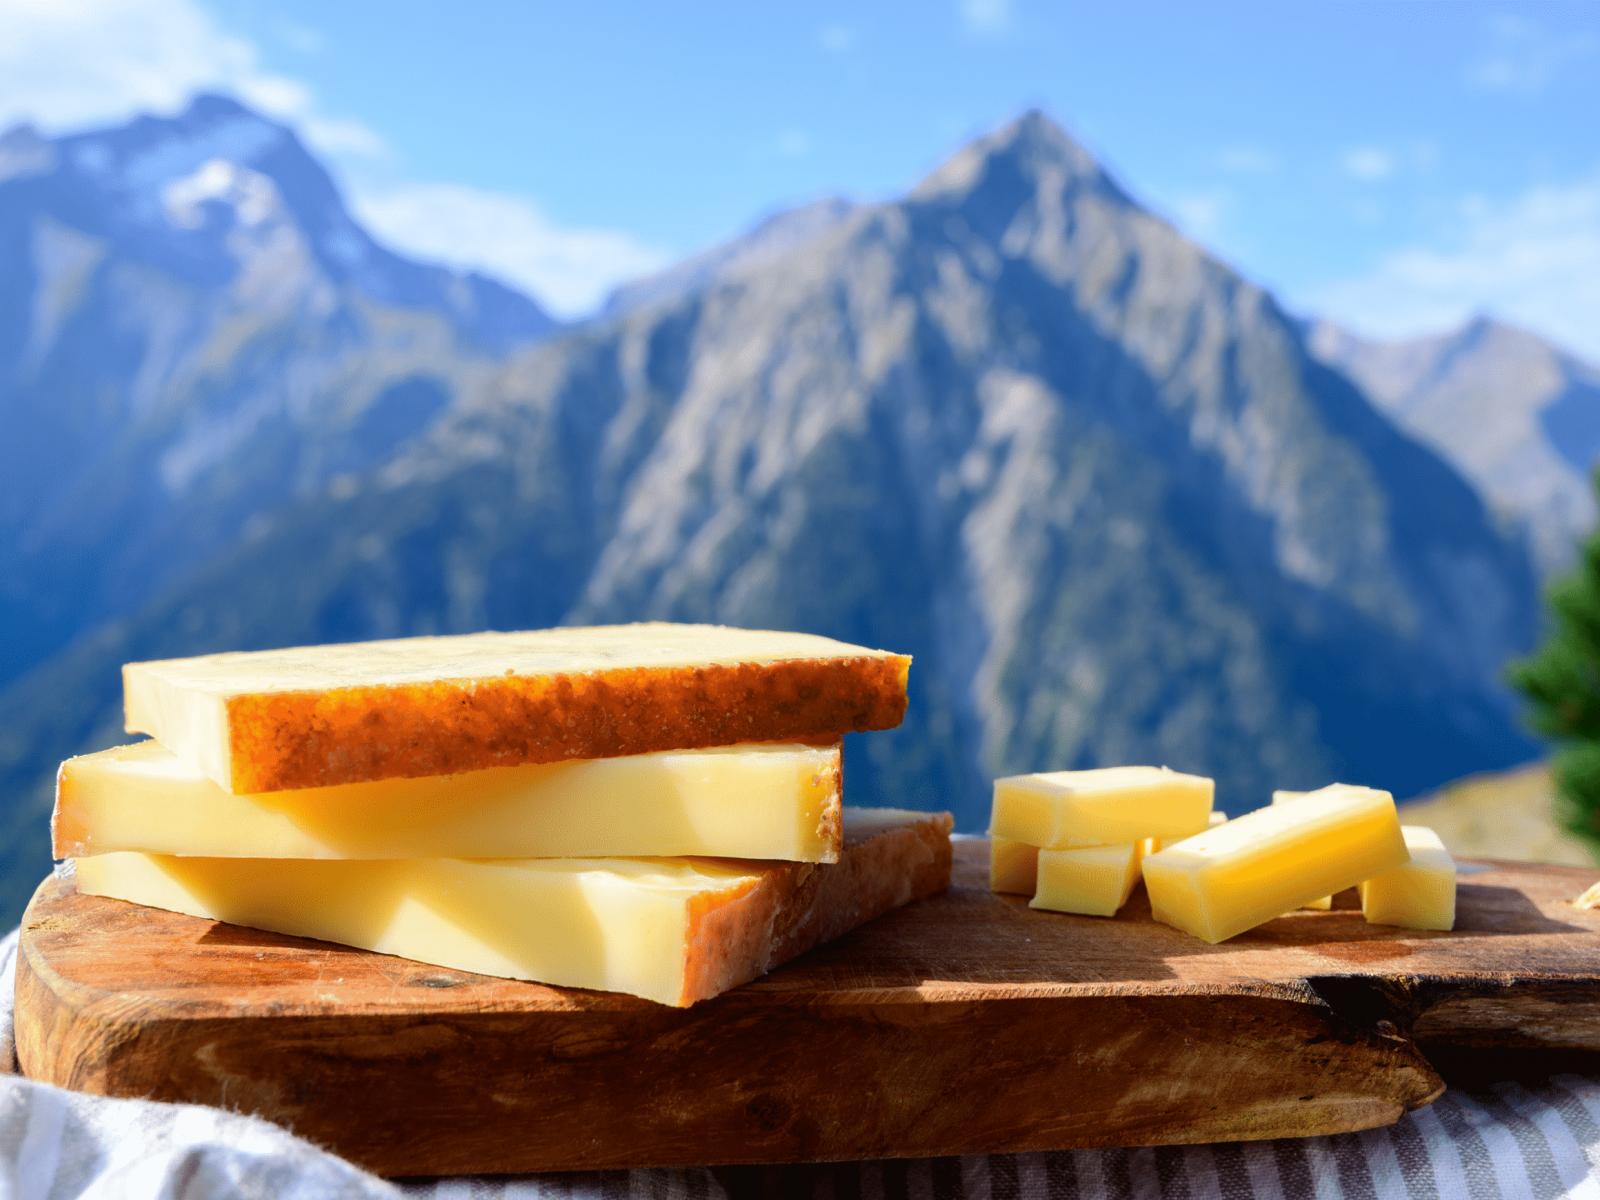 Vue sur un plateau de fromage avec en arrière plan les montagnes de Savoie.